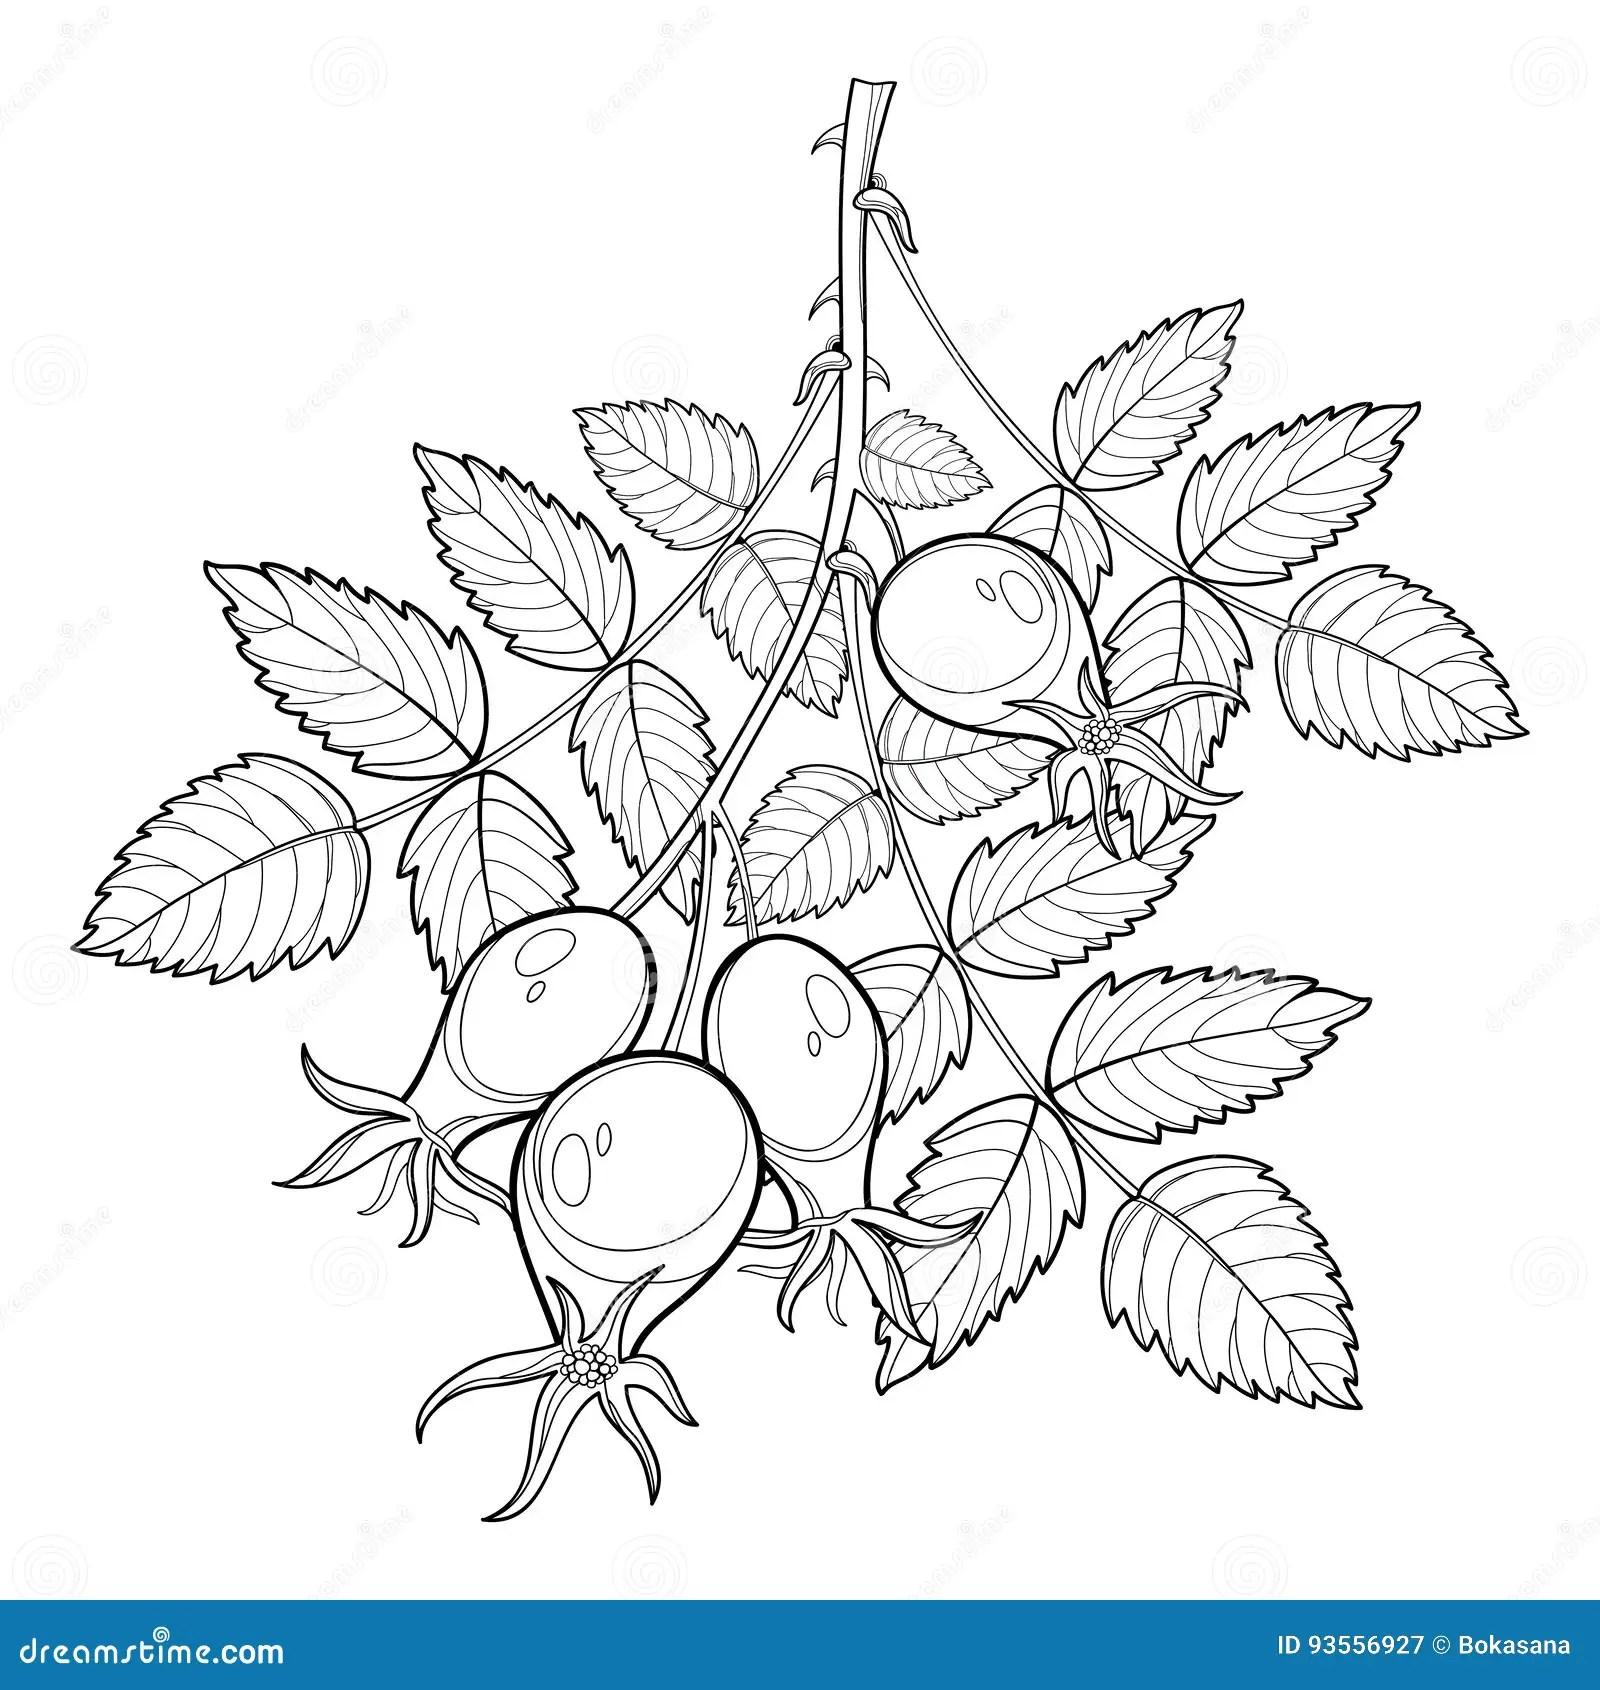 A Branch Of Wild Rose Hips Vector Illustration Cartoon